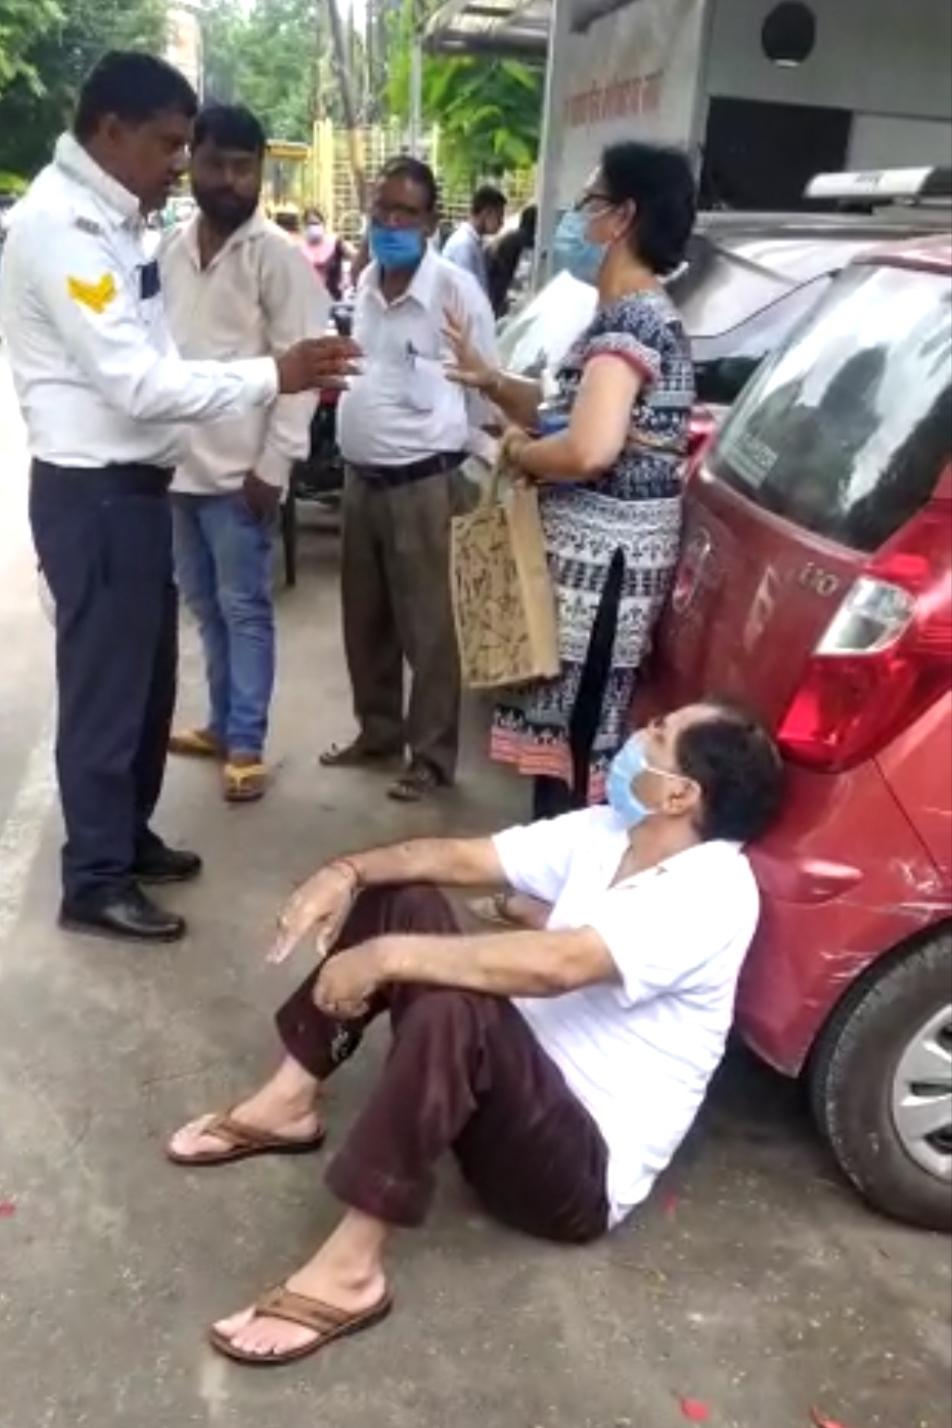 सिविल अस्पताल में वैक्सीन लगवाने आये बुजुर्ग की क्रेन से उठा ली कार, छुड़वाने के लिए नगर निगम बूथ के बाहर धरने पर बैठे|लखनऊ,Lucknow - Dainik Bhaskar